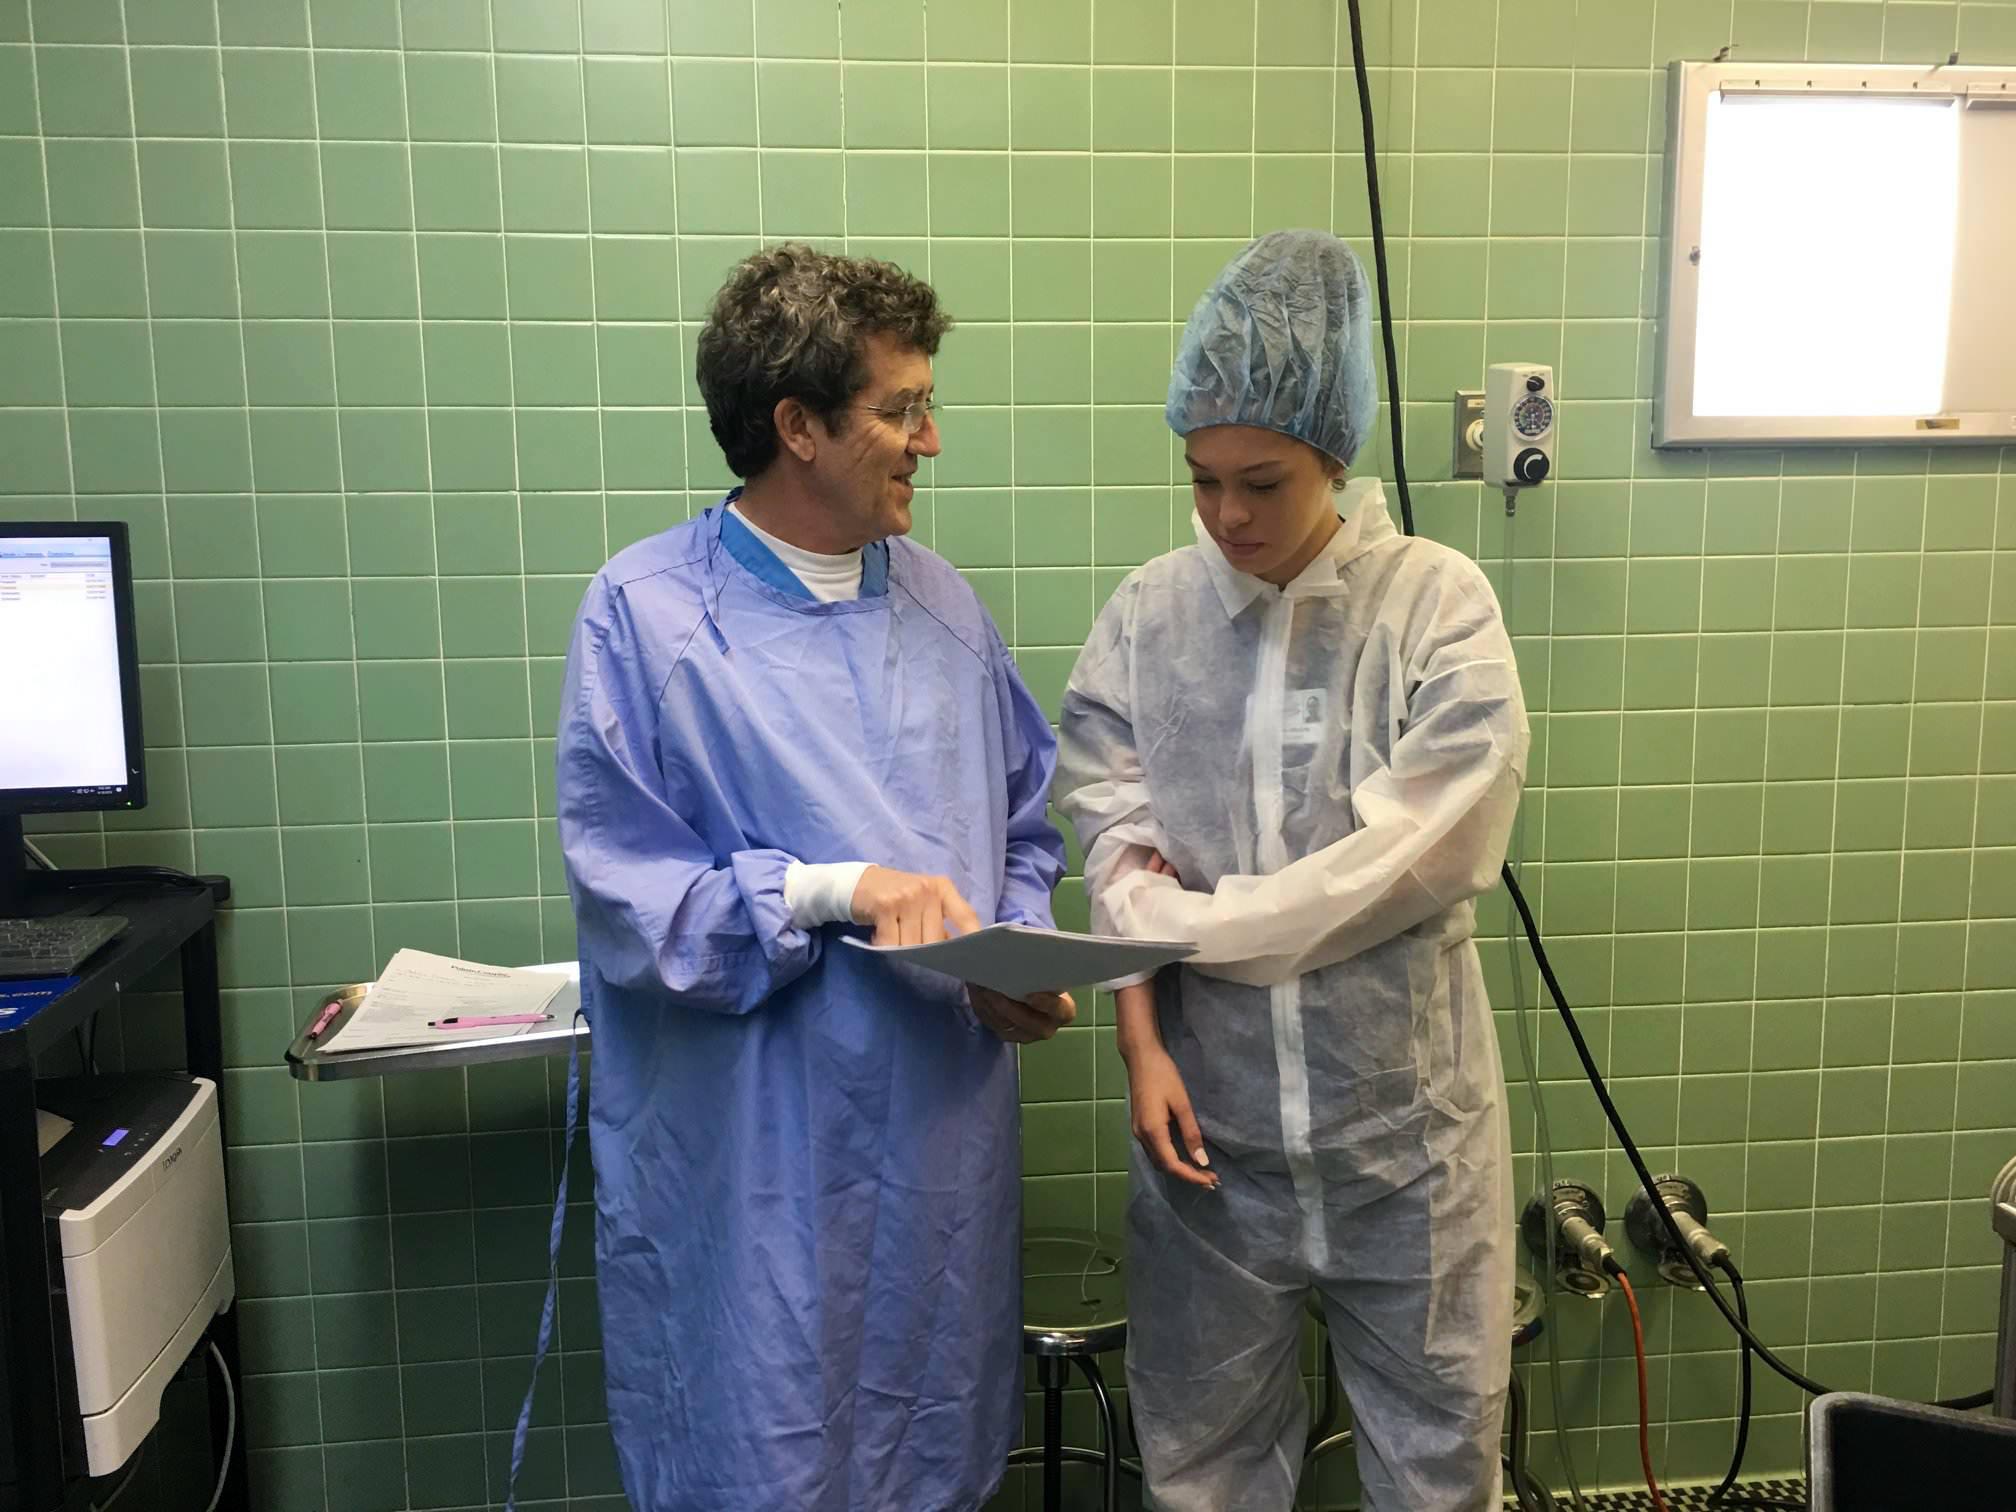 Dr. Doucet goes over operating room procedures with Lauren Webre (CHSPC).